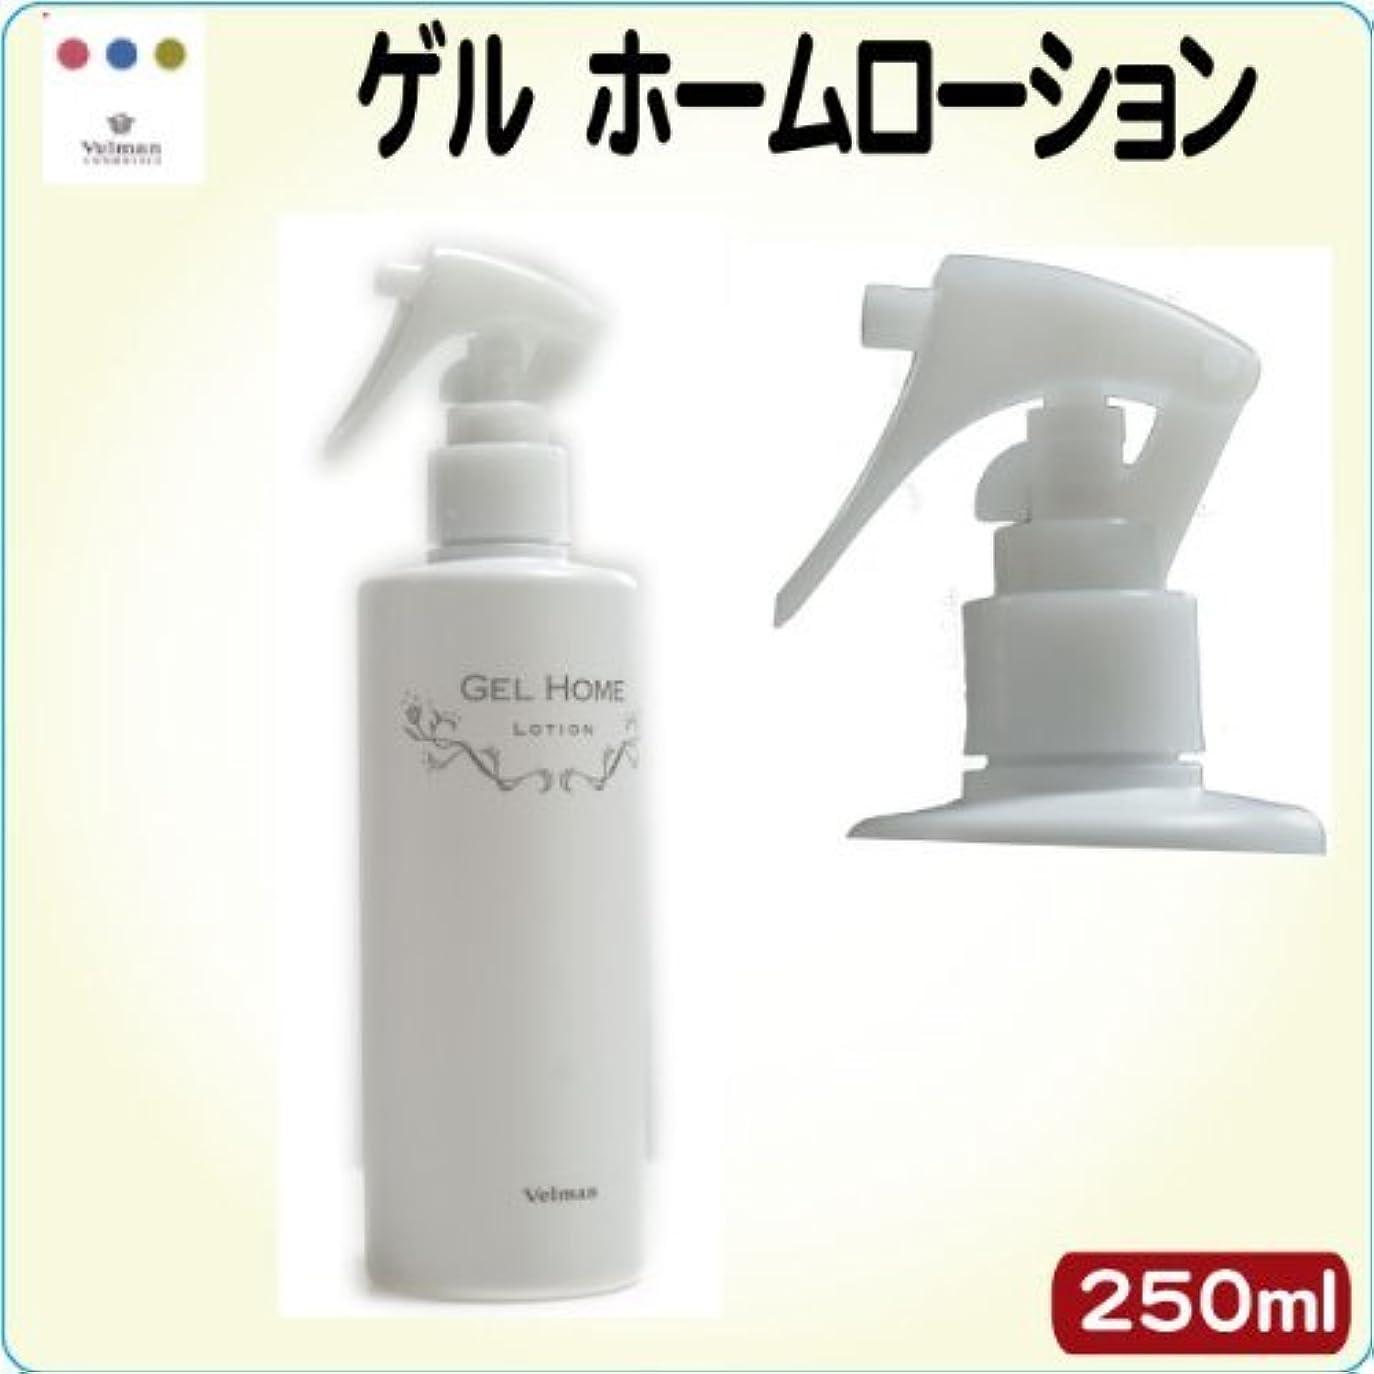 メイドピット不承認ベルマン化粧品 NONLOOSE ゲルホームローション【化粧水】 250ml